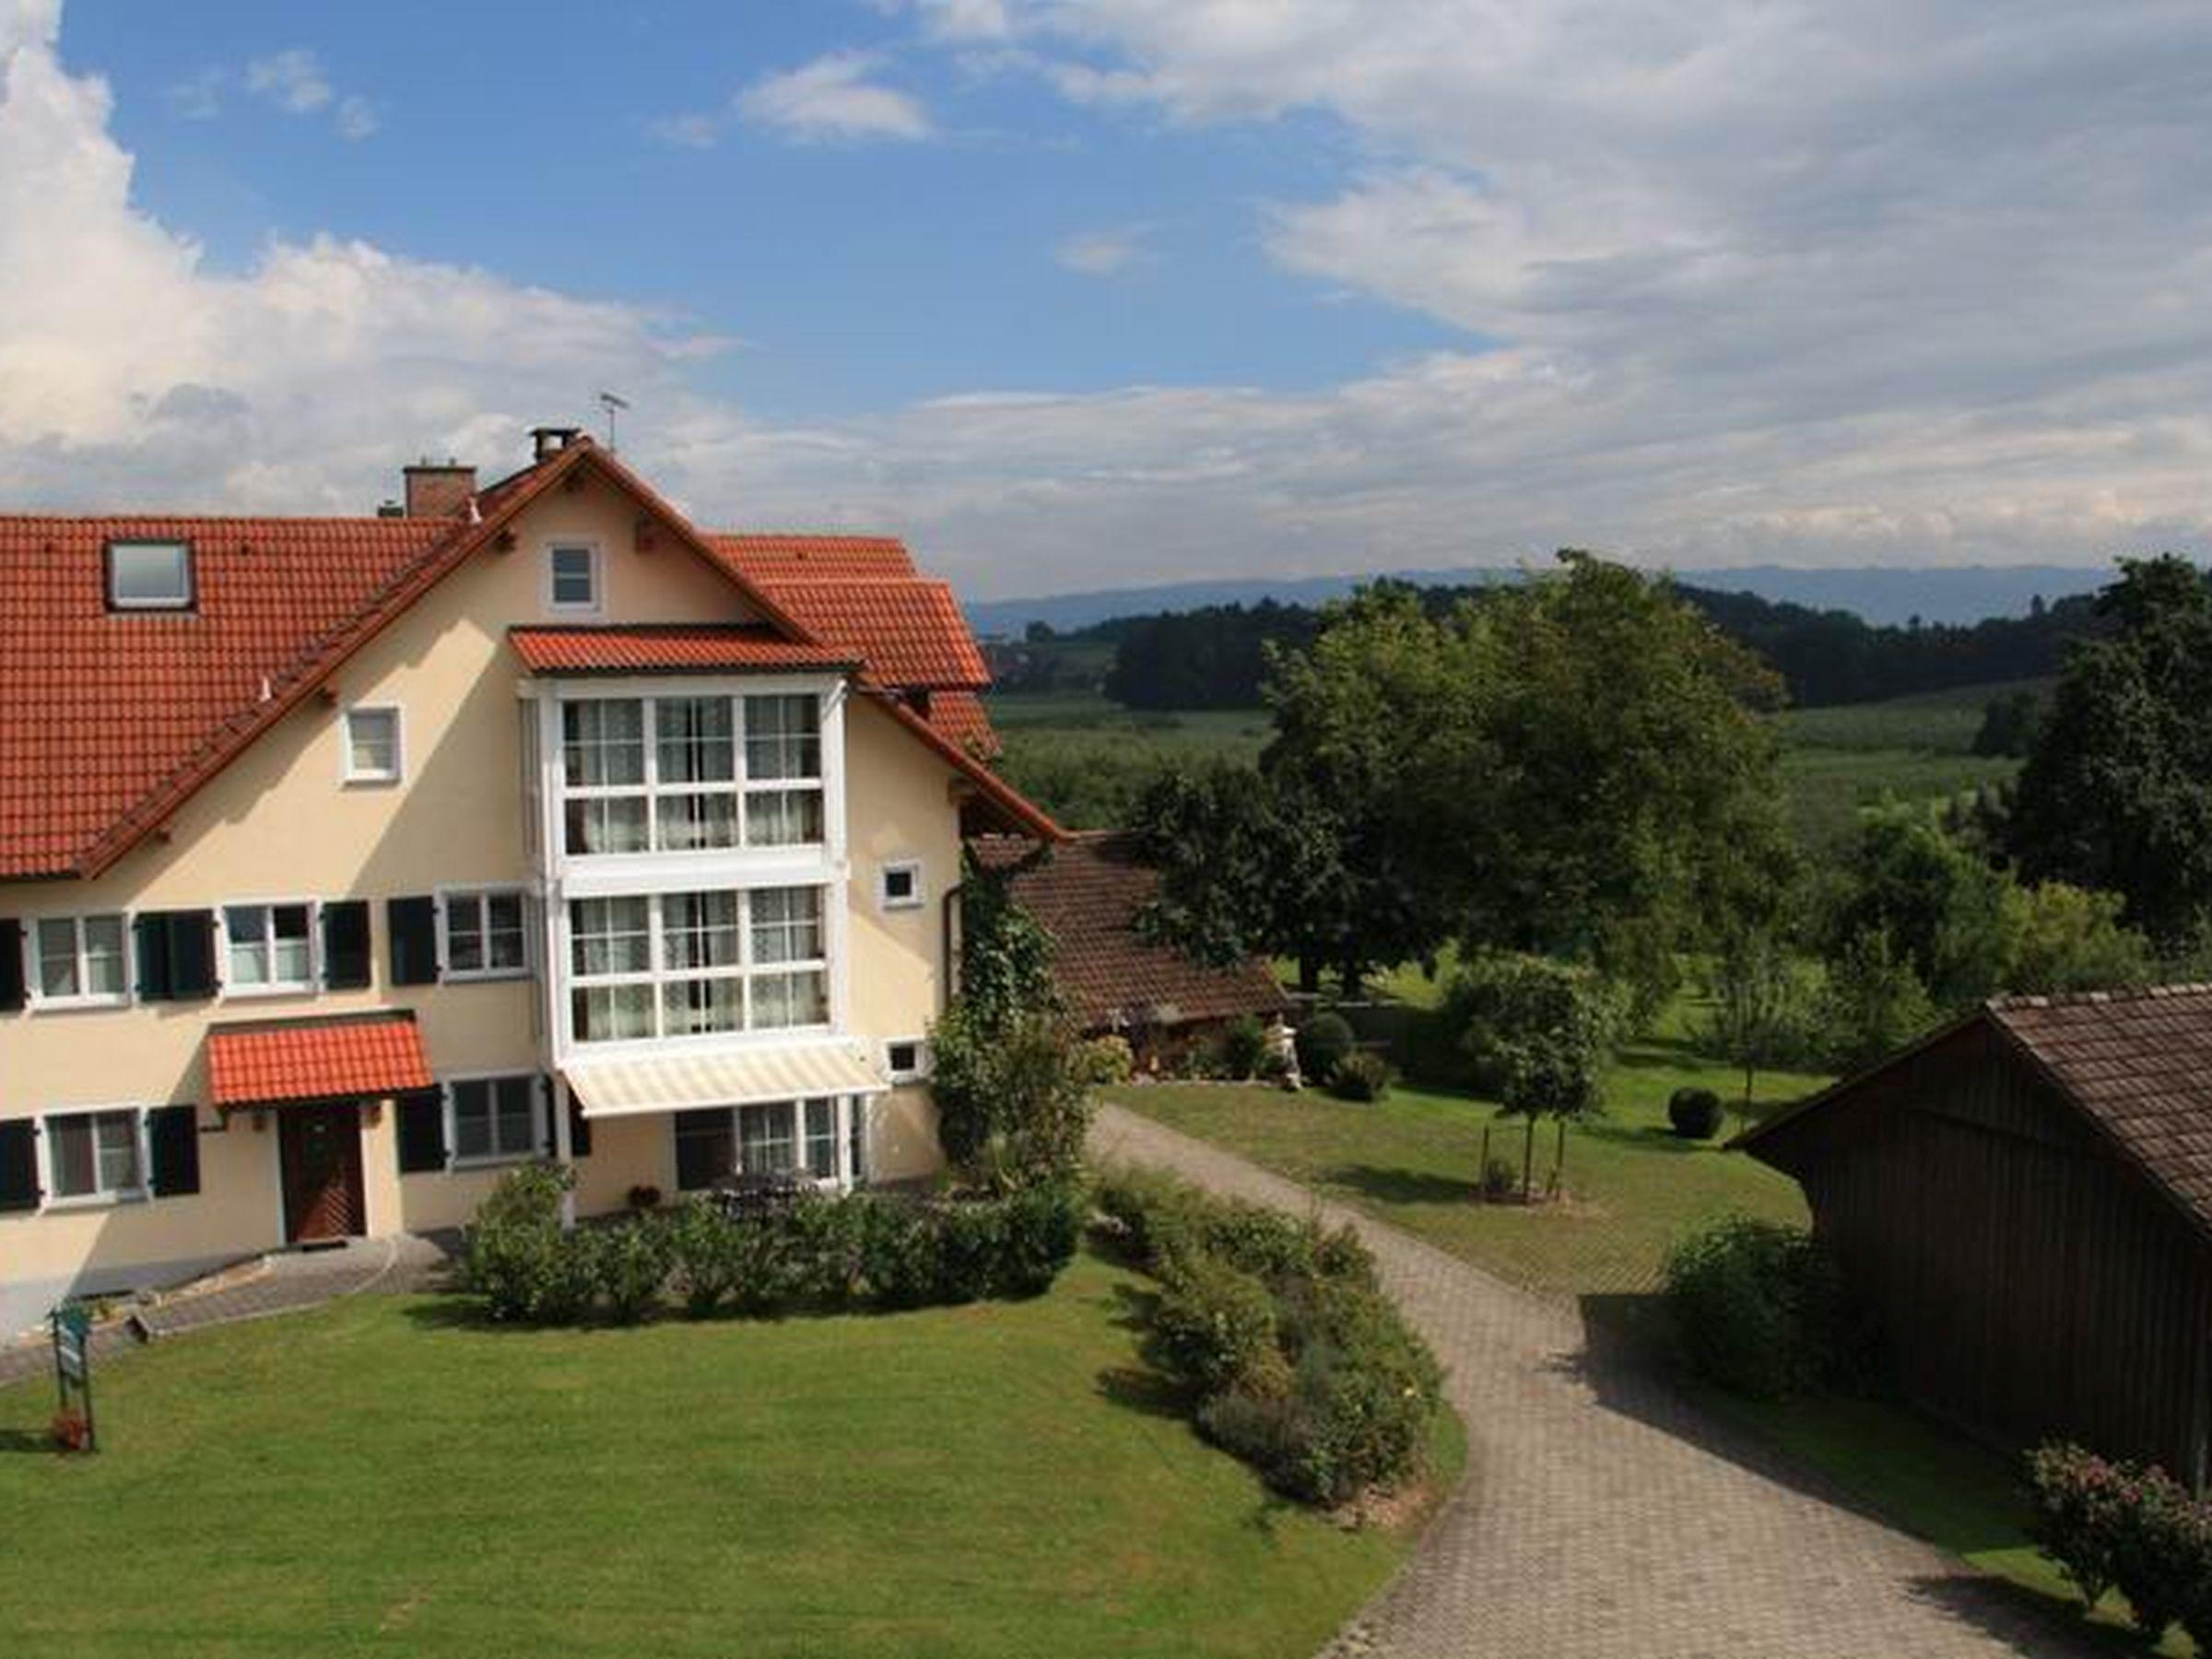 Ferienwohnung Stapelfeldt, (Wasserburg (Bodensee))